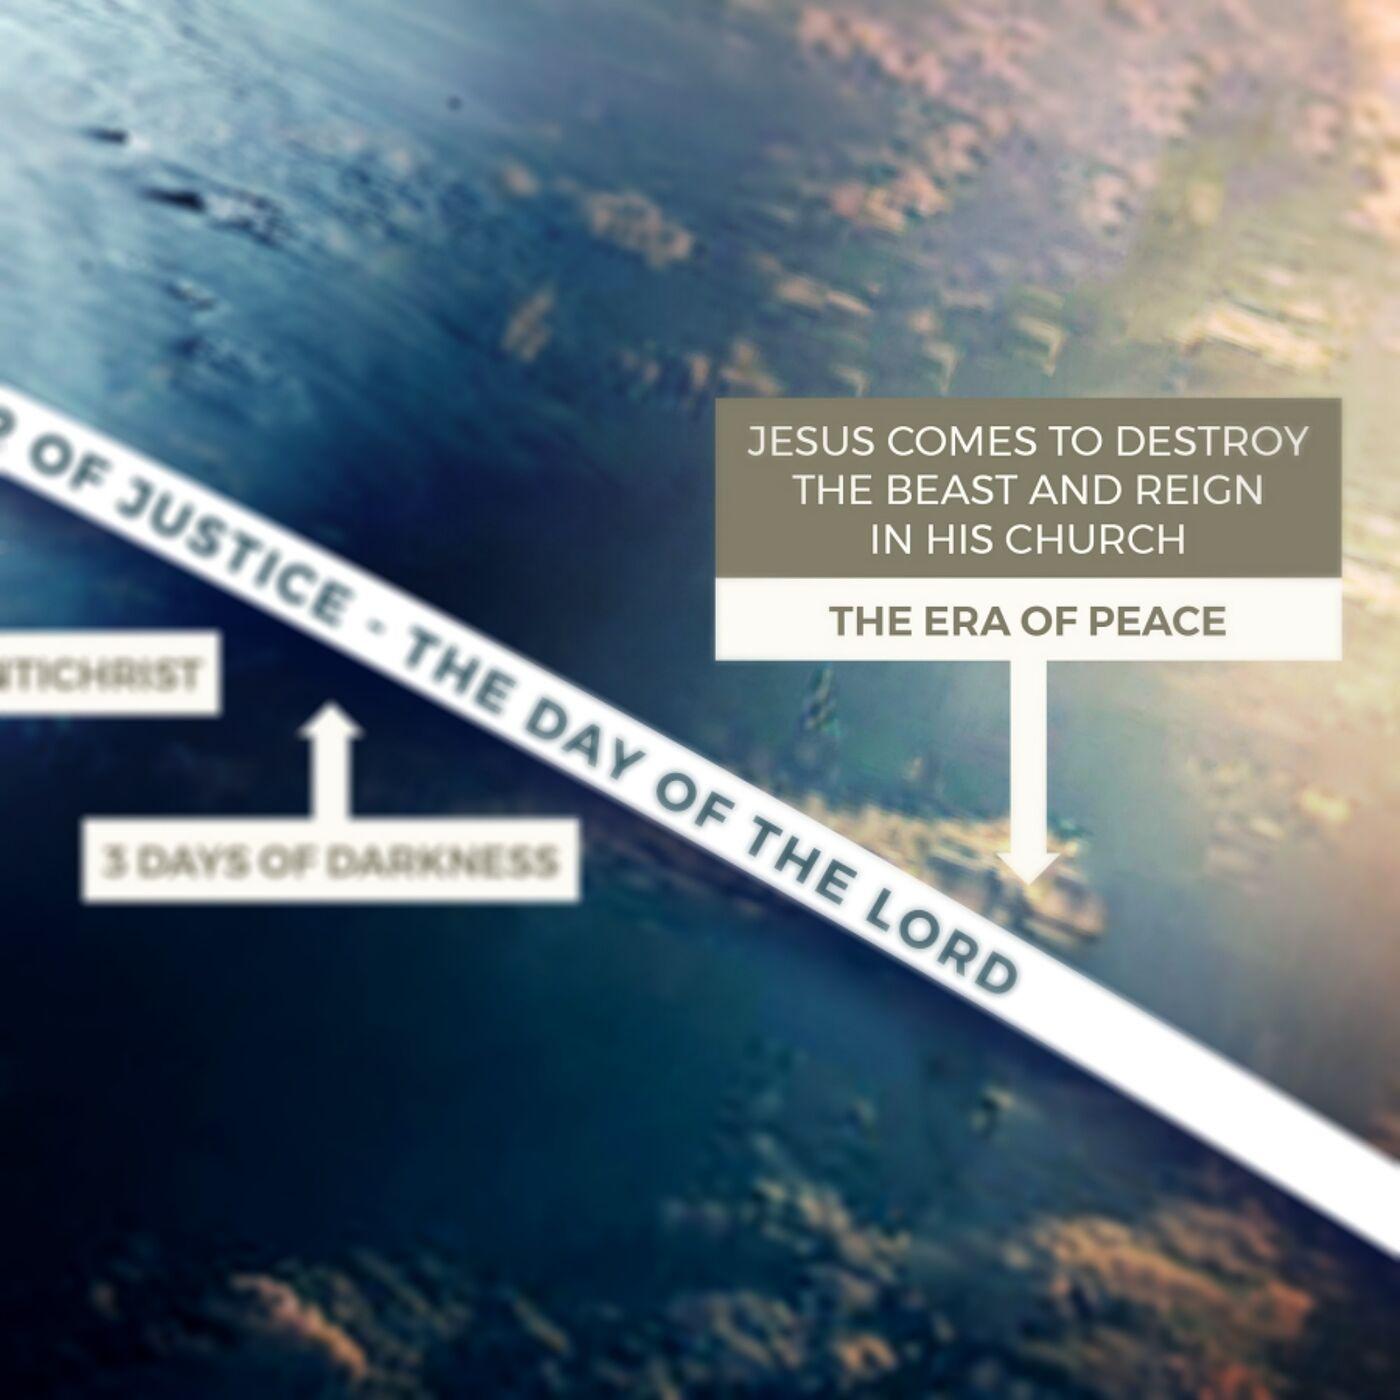 The Era of Peace